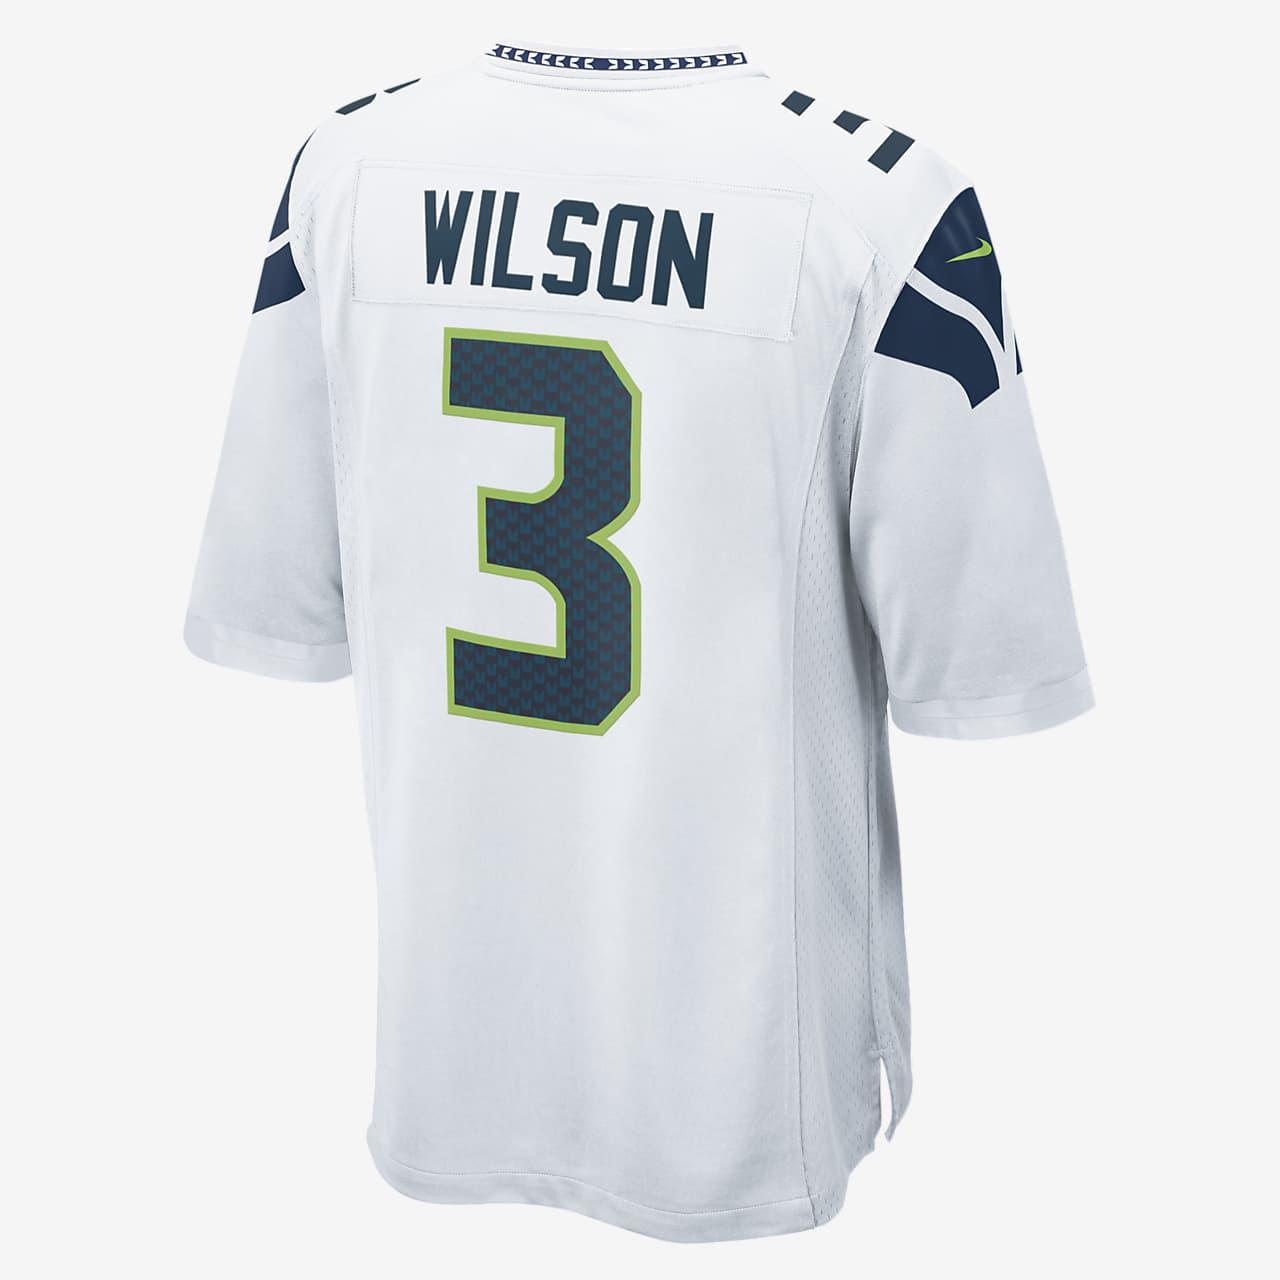 nike russell wilson jersey